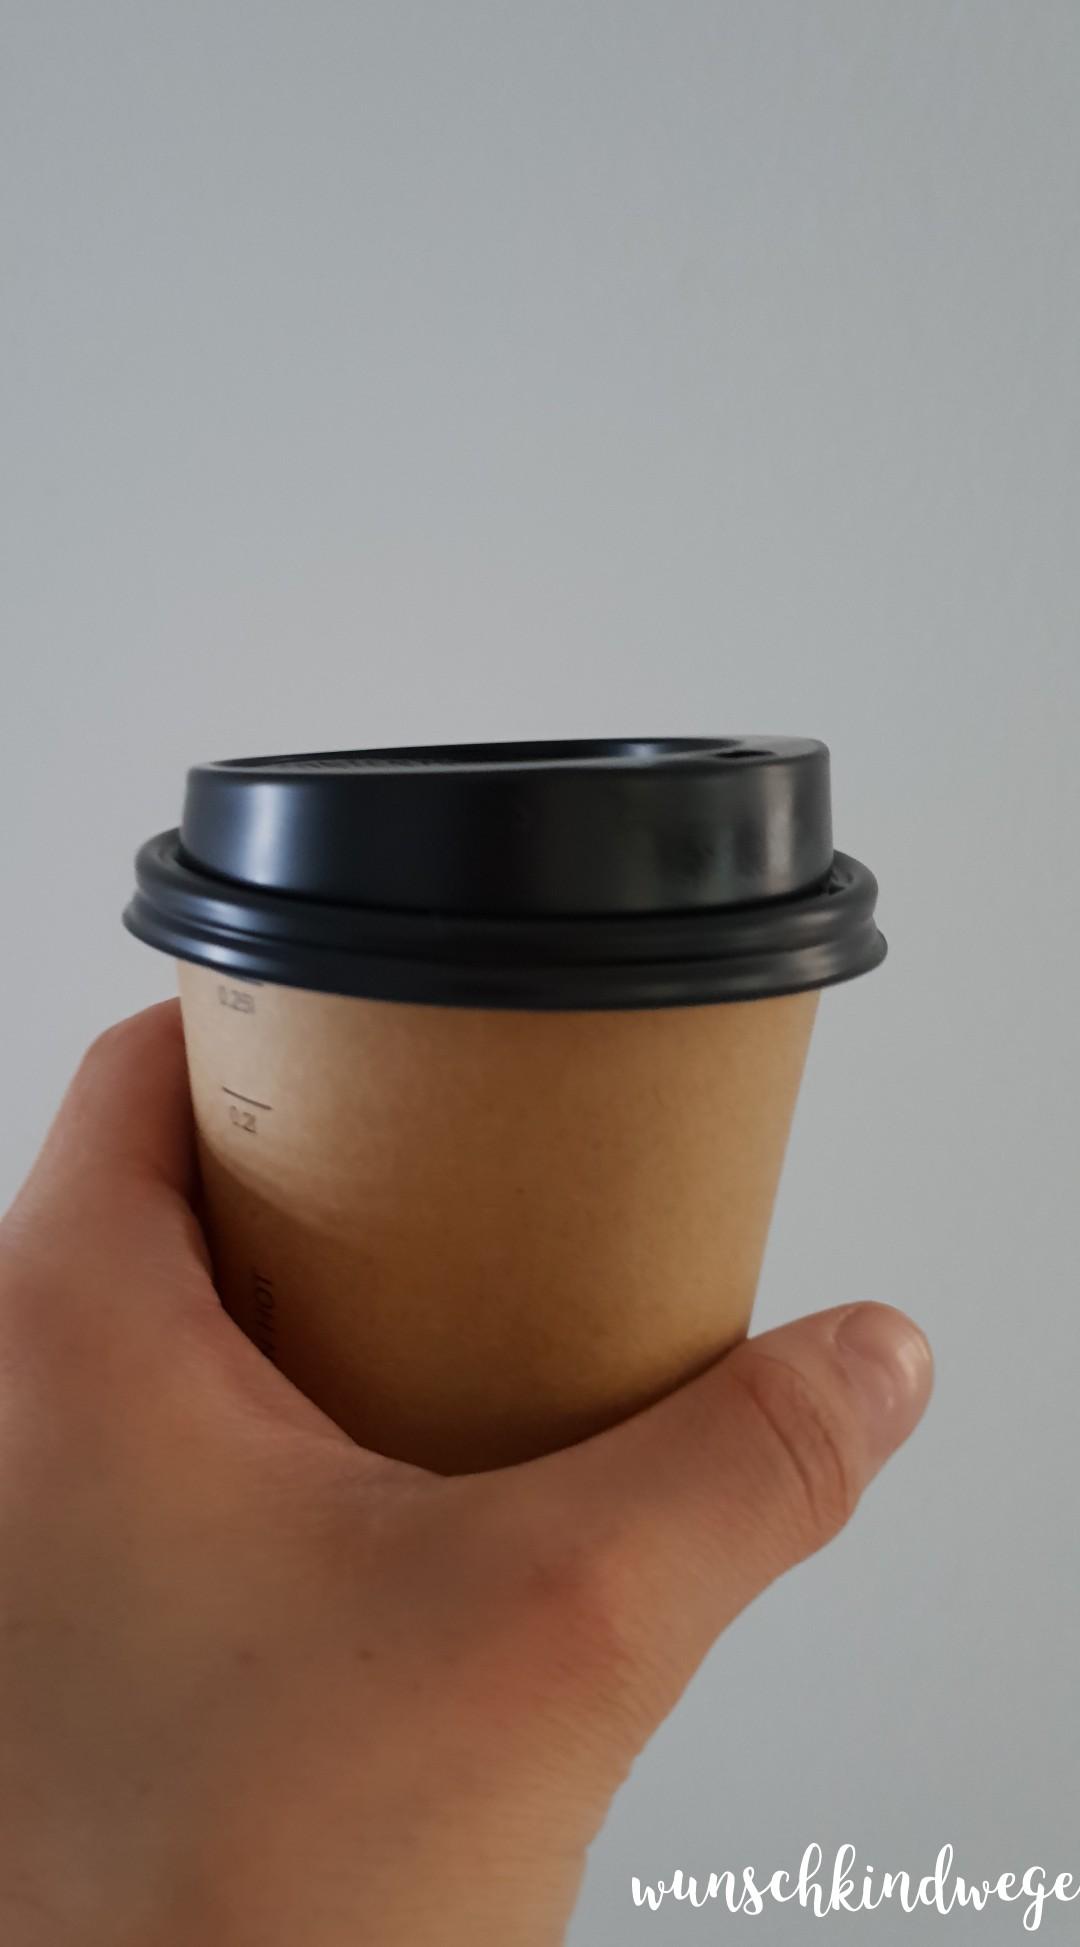 12 von 12 Kaffee